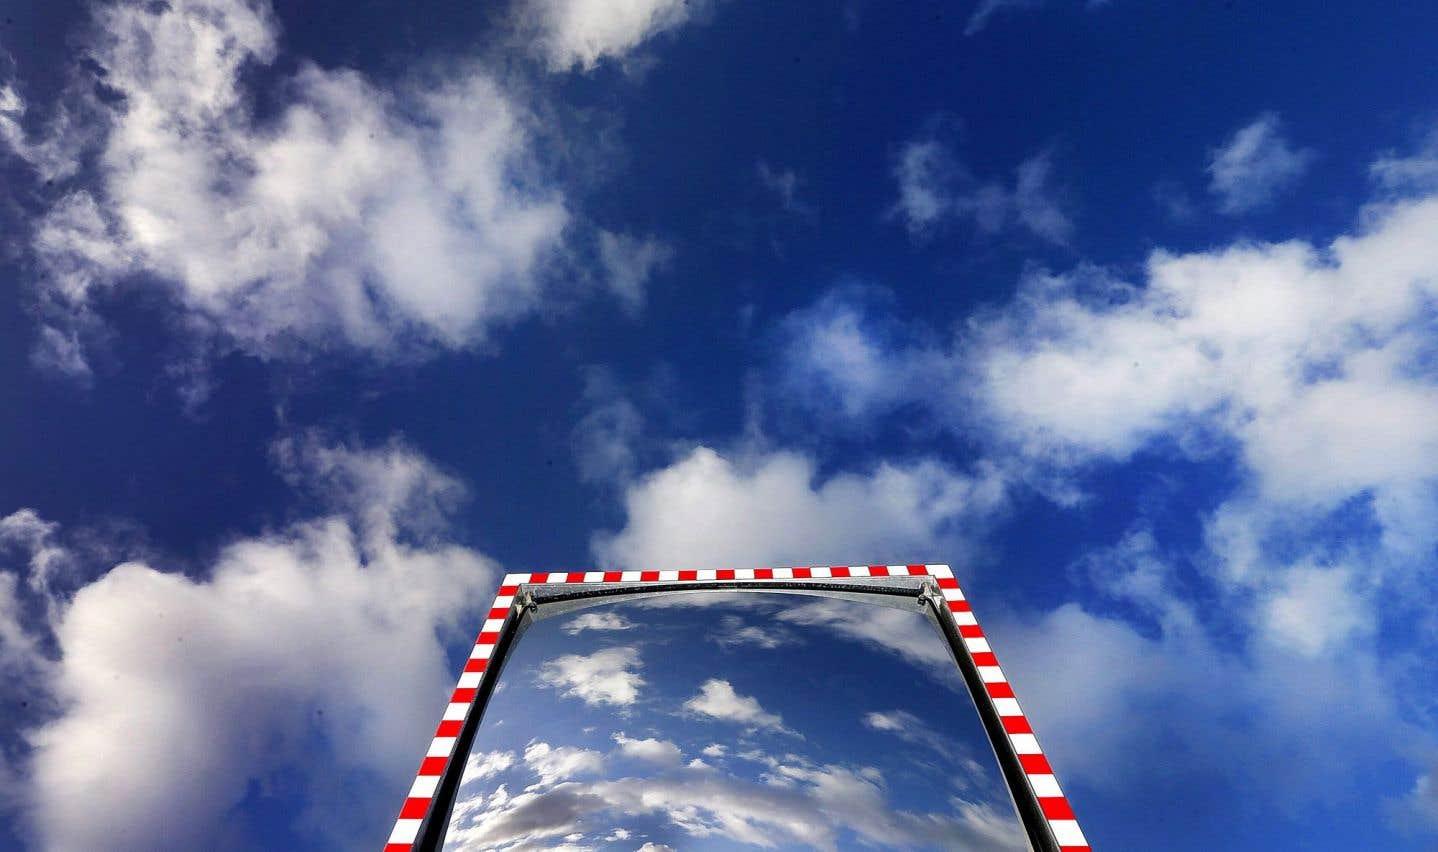 La tête dans les nouveaux nuages